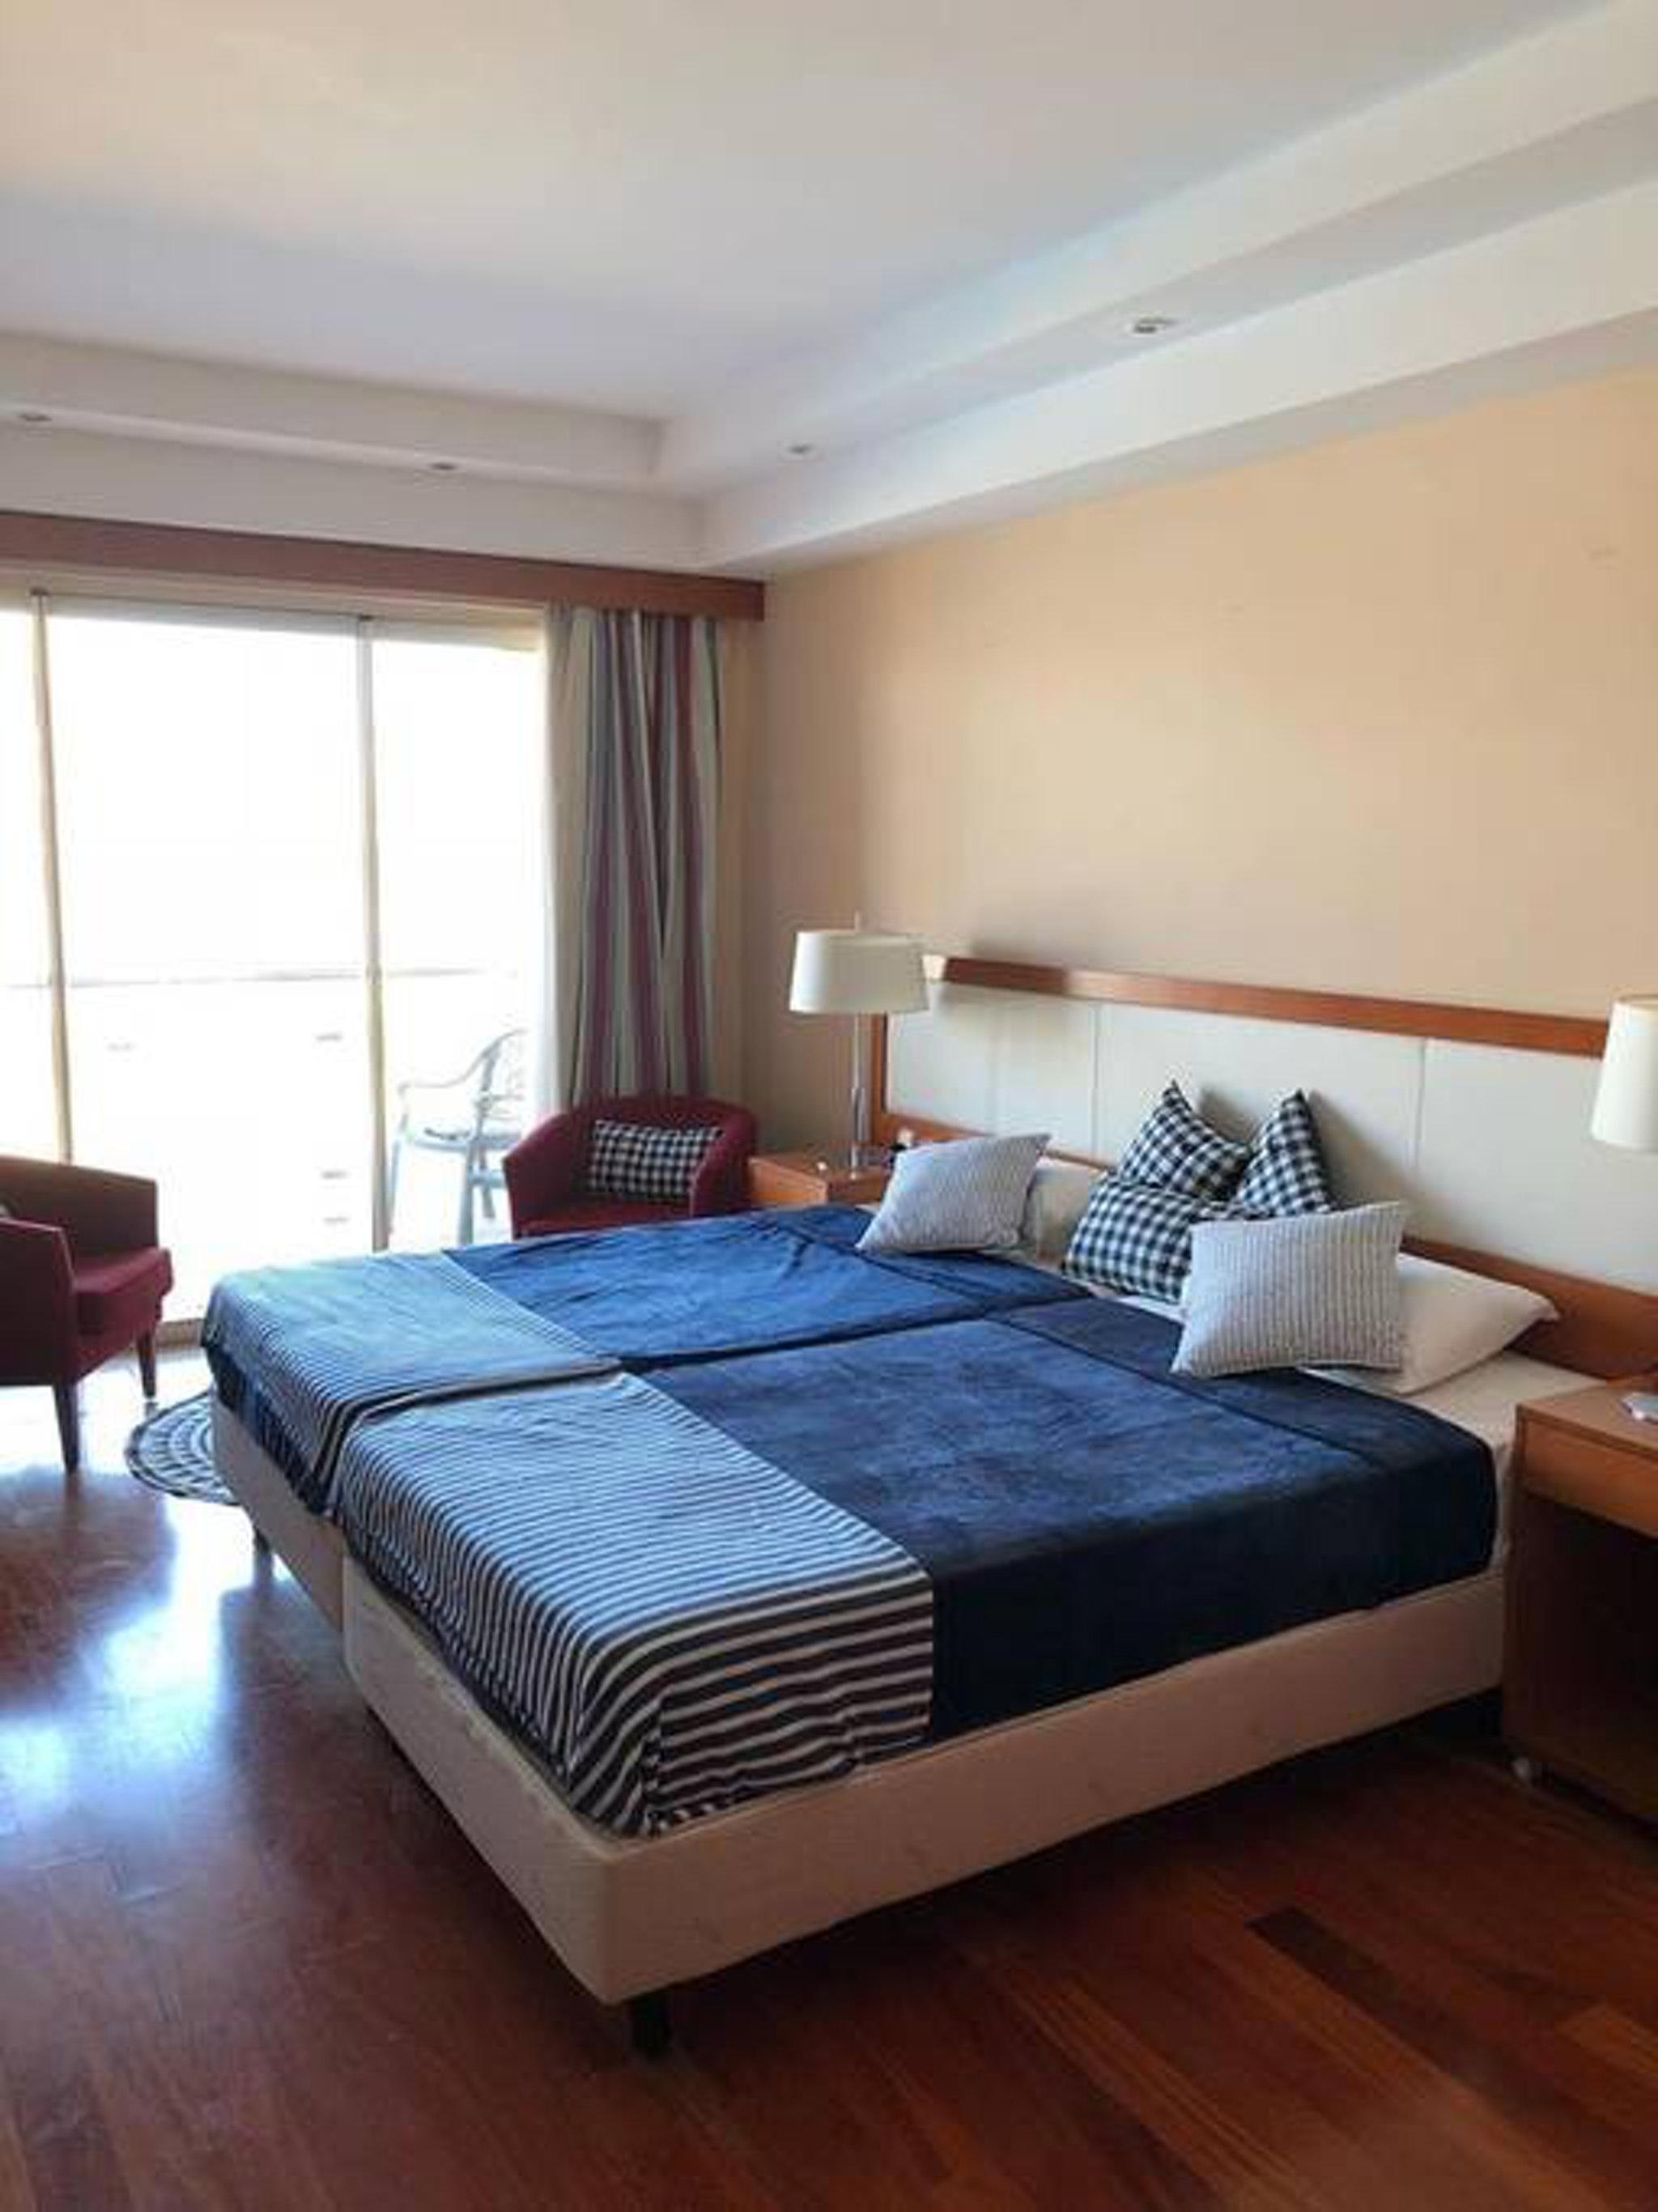 Ferienwohnung Wohnung mit einem Schlafzimmer in Estômbar mit bezauberndem Seeblick, Pool, eingezäuntem G (2623795), Estombar, , Algarve, Portugal, Bild 5